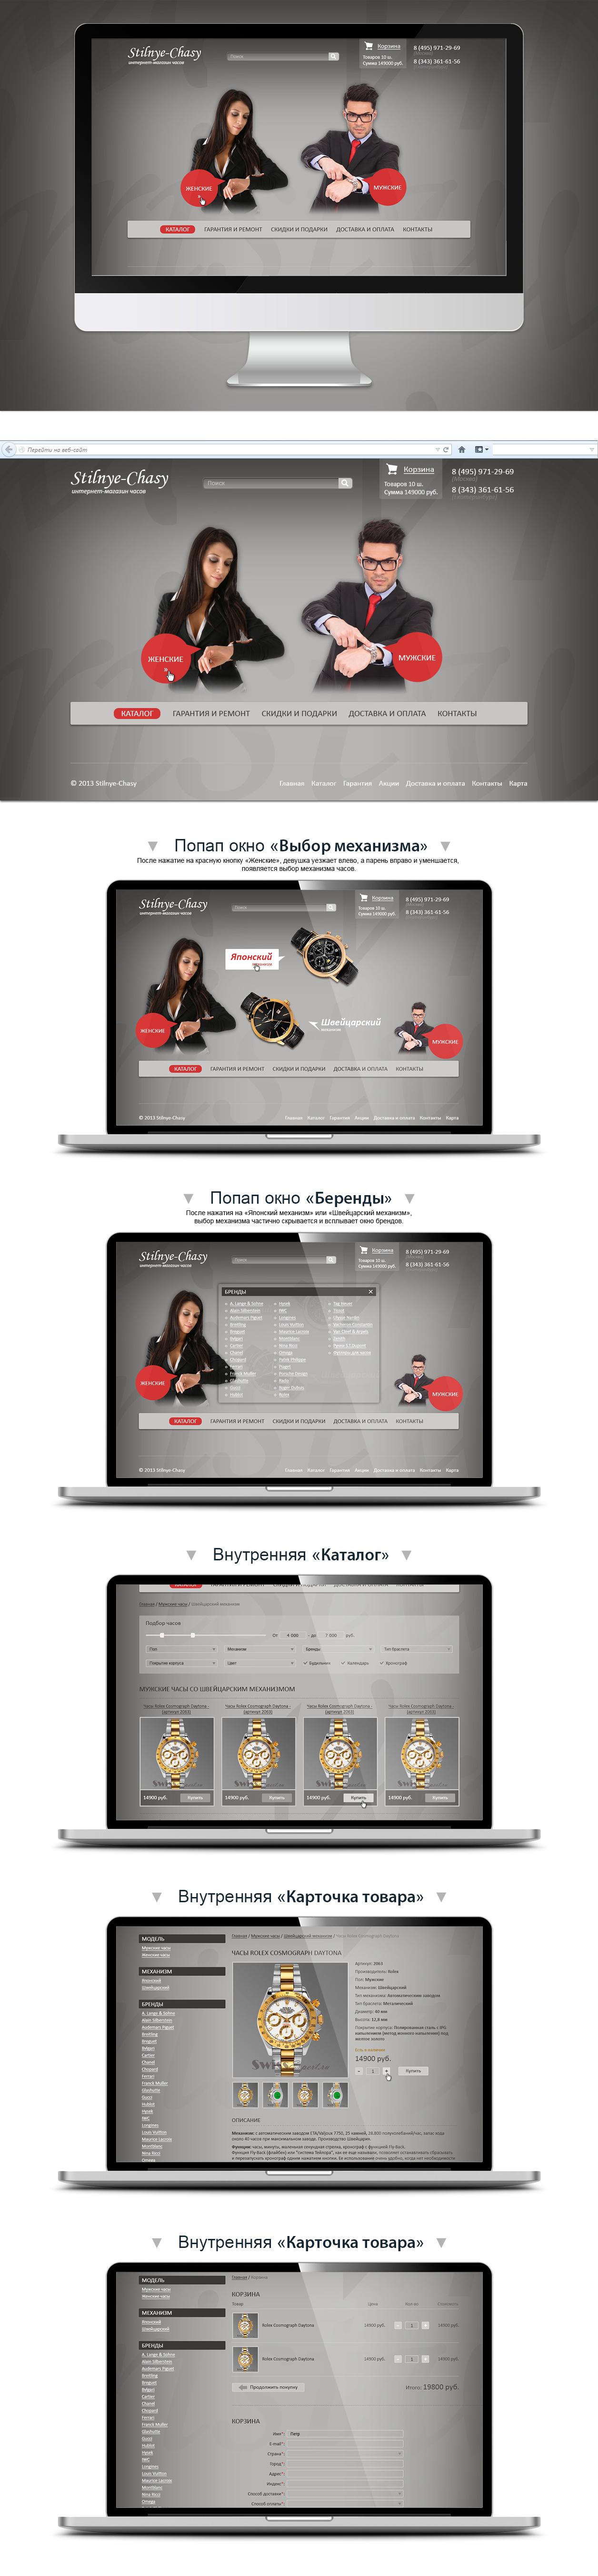 Stilnye-Chasy — интеренет-магазин часов